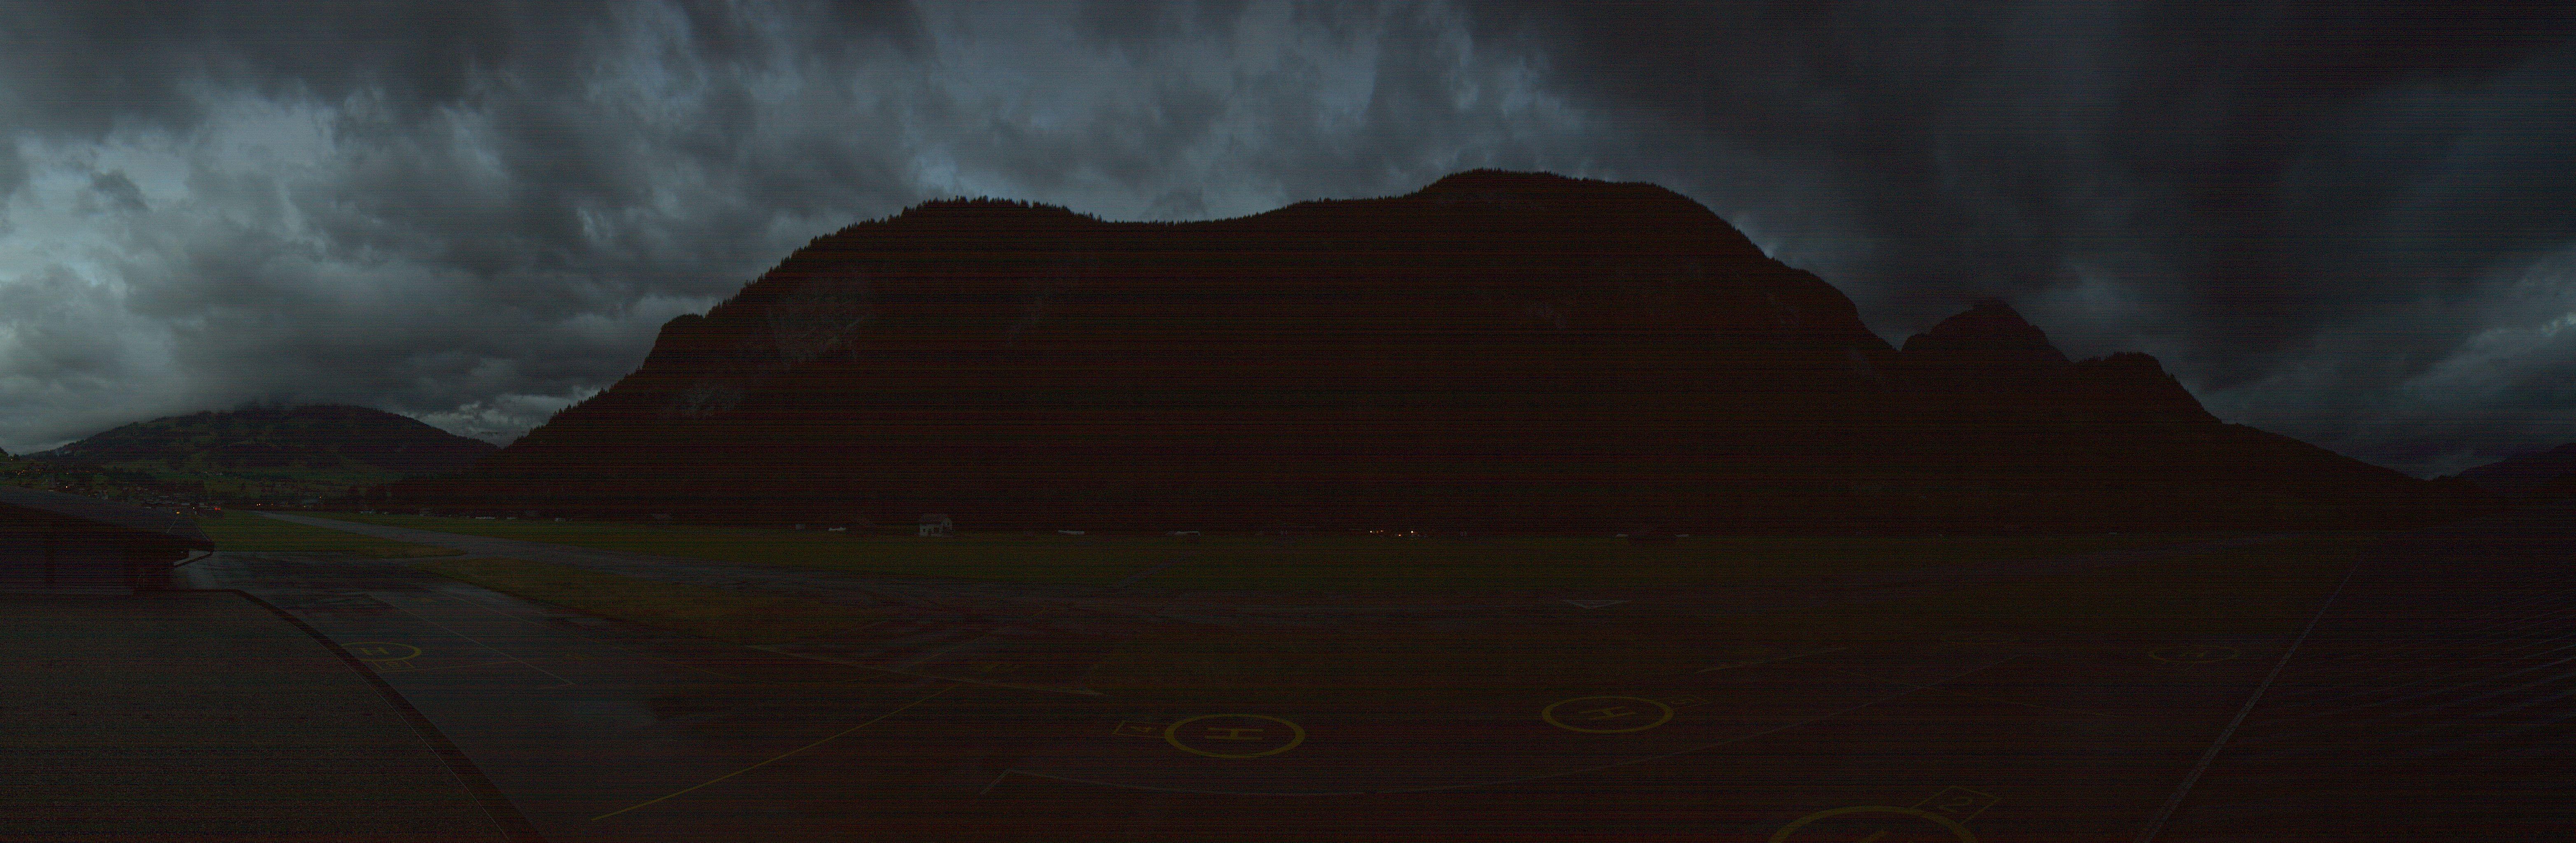 Saanen: Airport